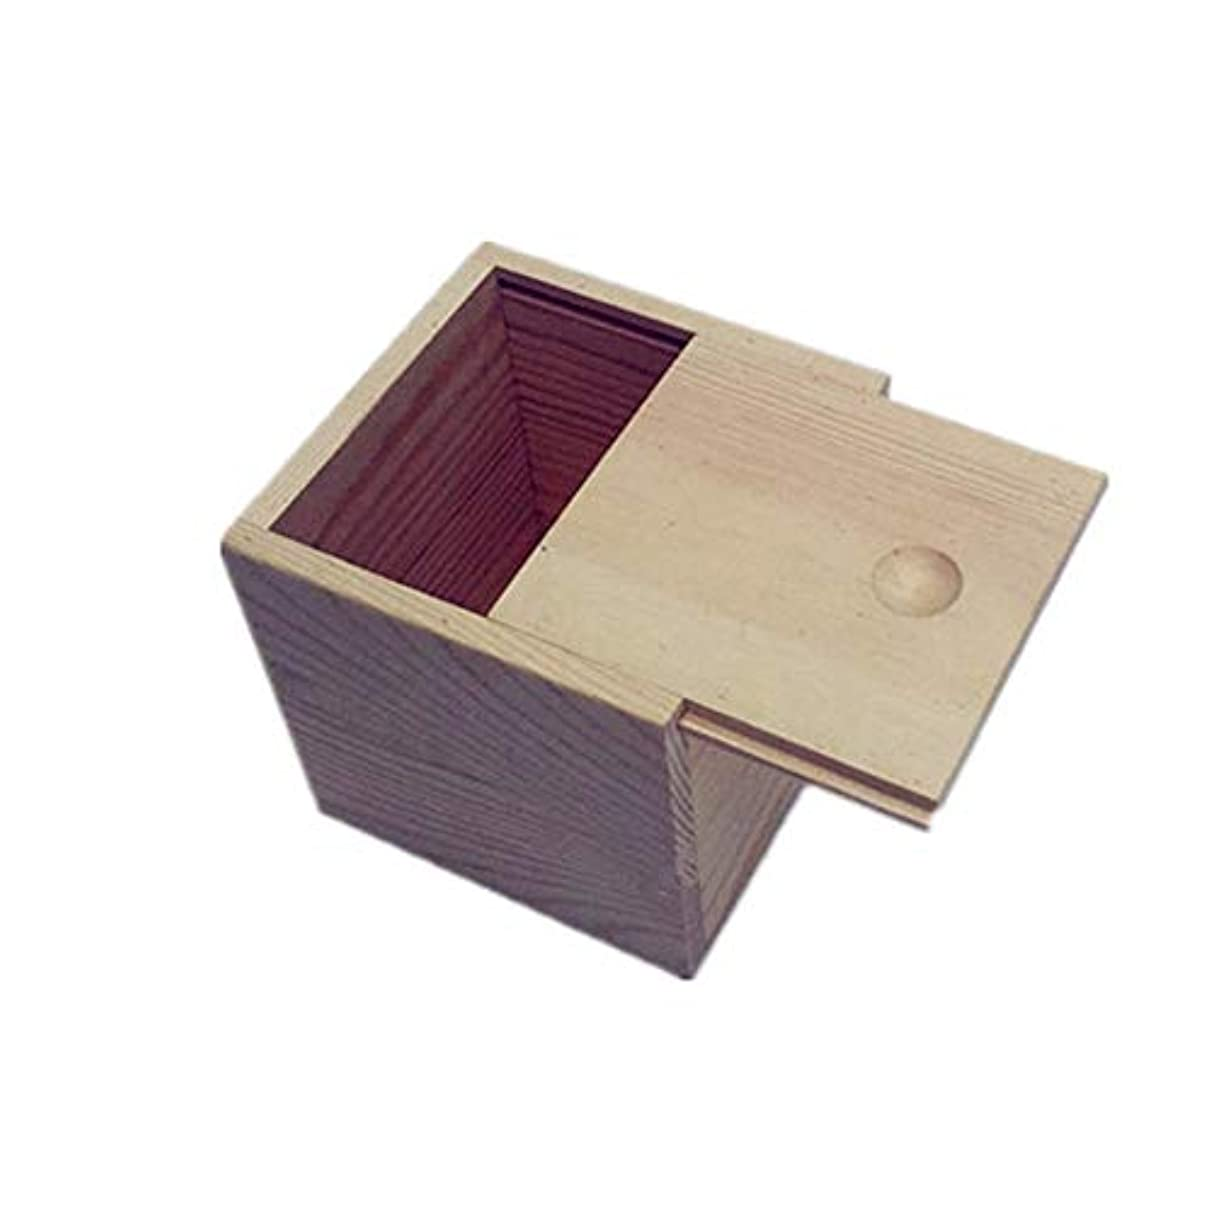 ヒギンズインフルエンザ少なくとも木製のエッセンシャルオイルストレージボックス安全なスペースセーバーあなたの油を維持するためのベスト アロマセラピー製品 (色 : Natural, サイズ : 9X9X5CM)